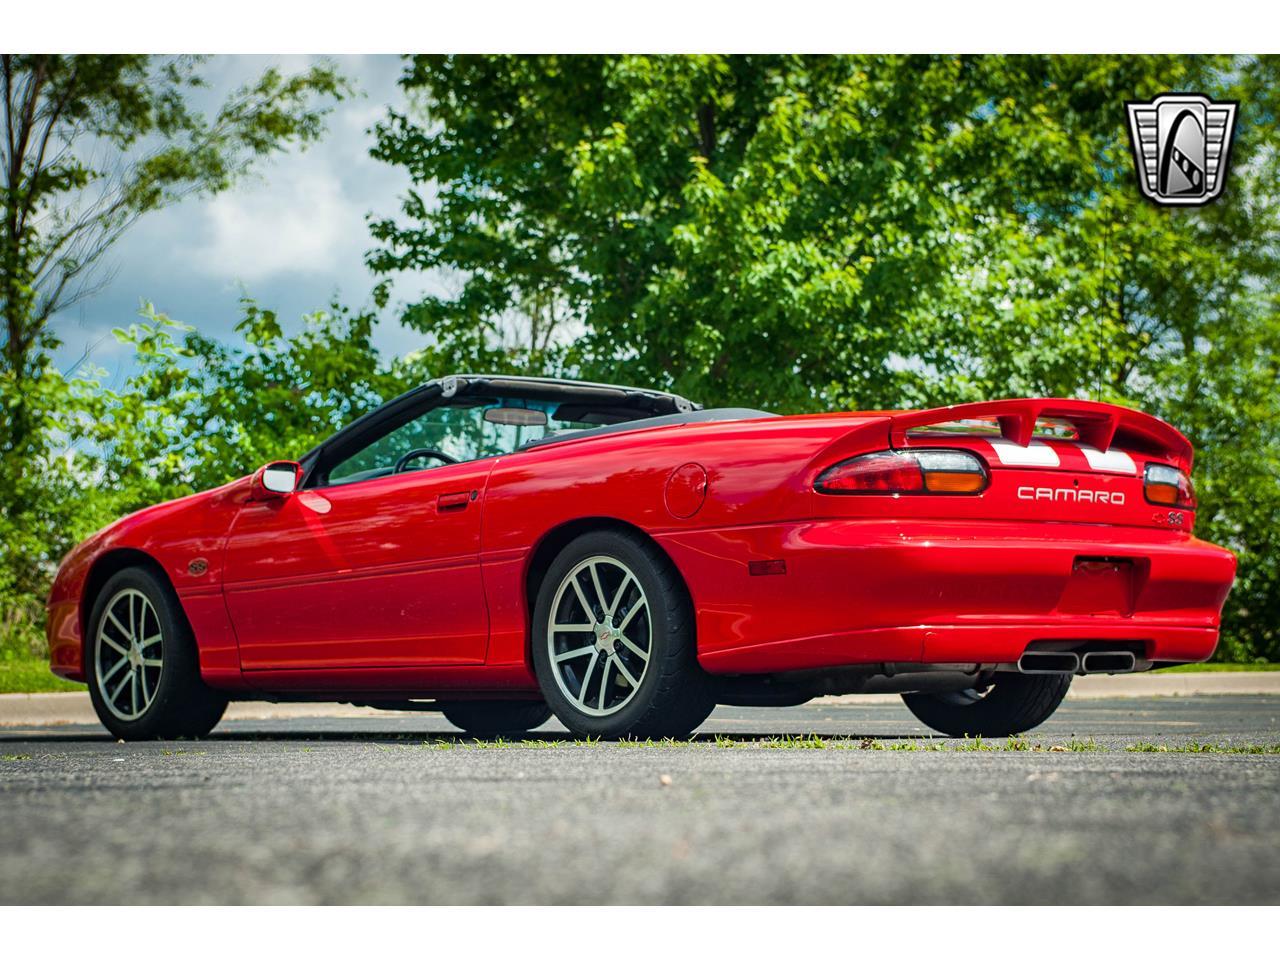 Large Picture of 2002 Chevrolet Camaro located in O'Fallon Illinois - QB9Z